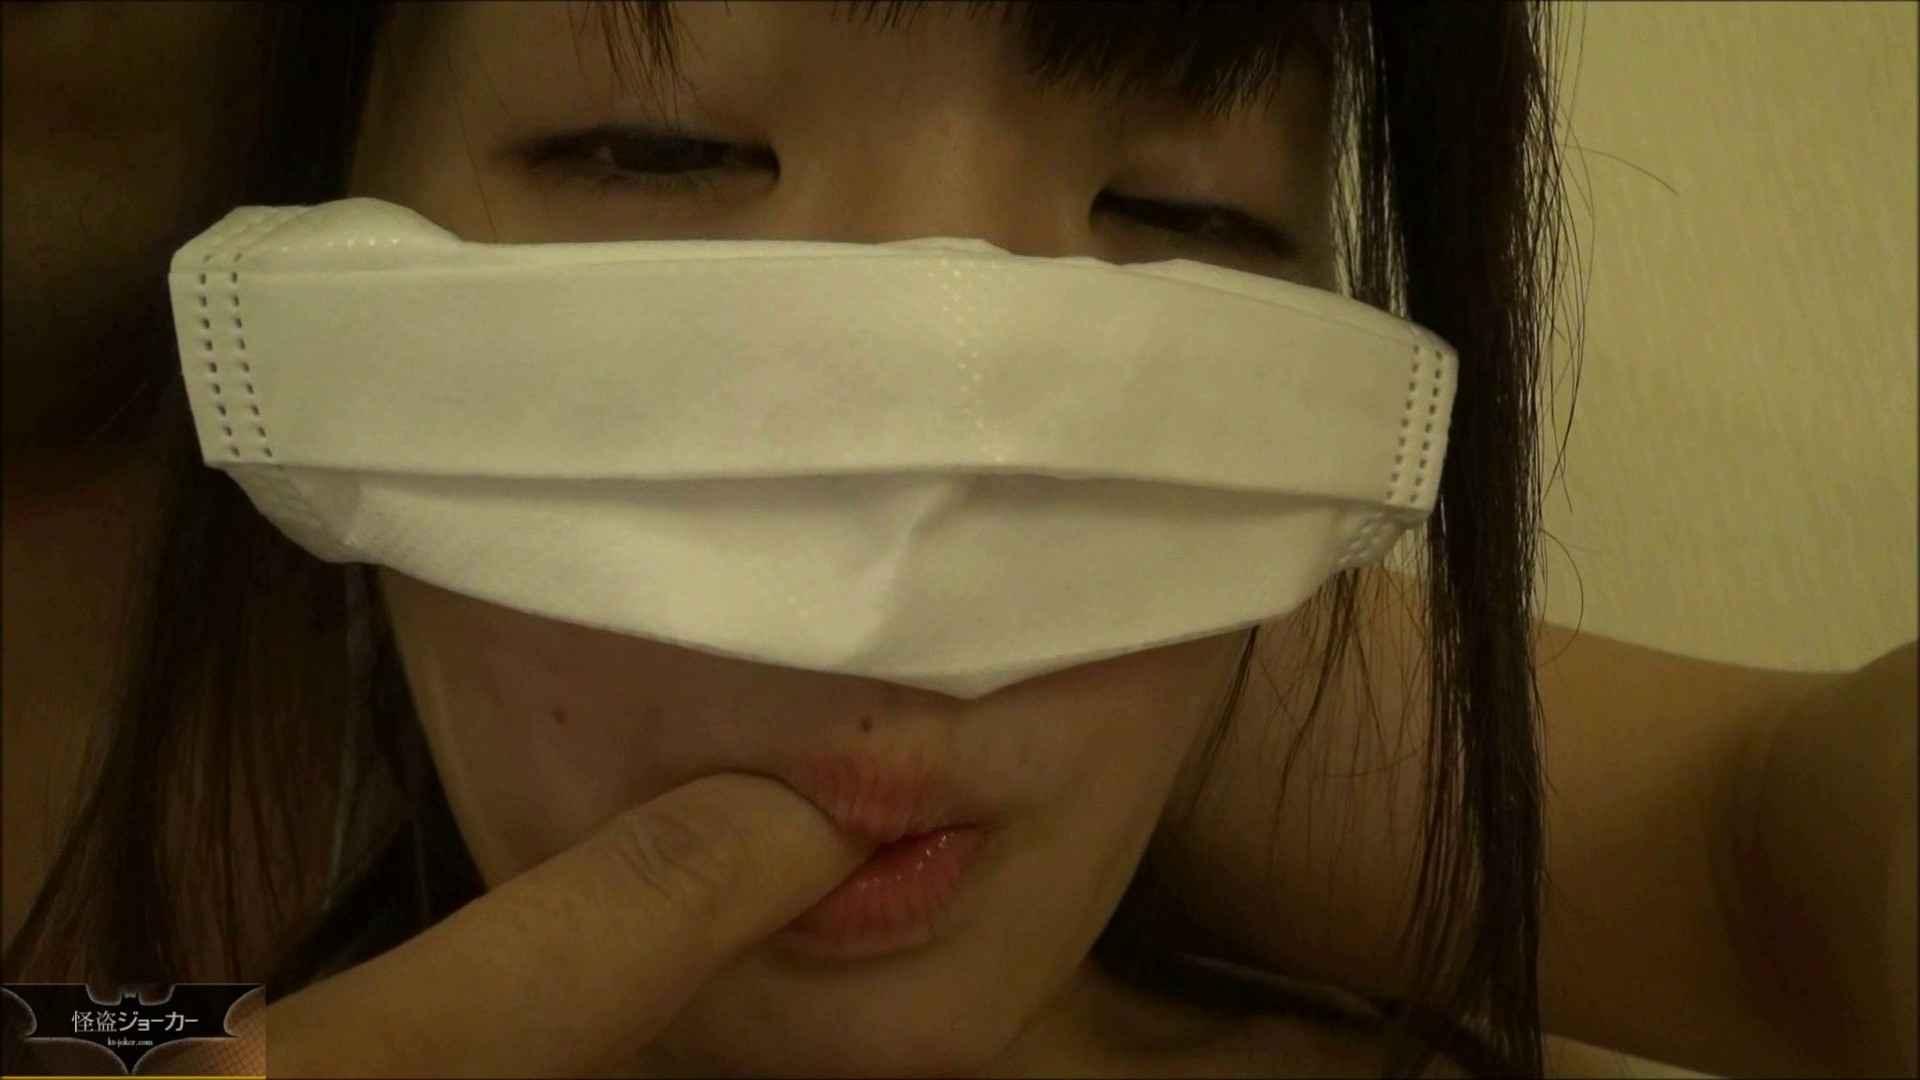 【未公開】vol.79 {関東某有名お嬢様JD}yuunaちゃん③ OLのボディ   お嬢様  62PIX